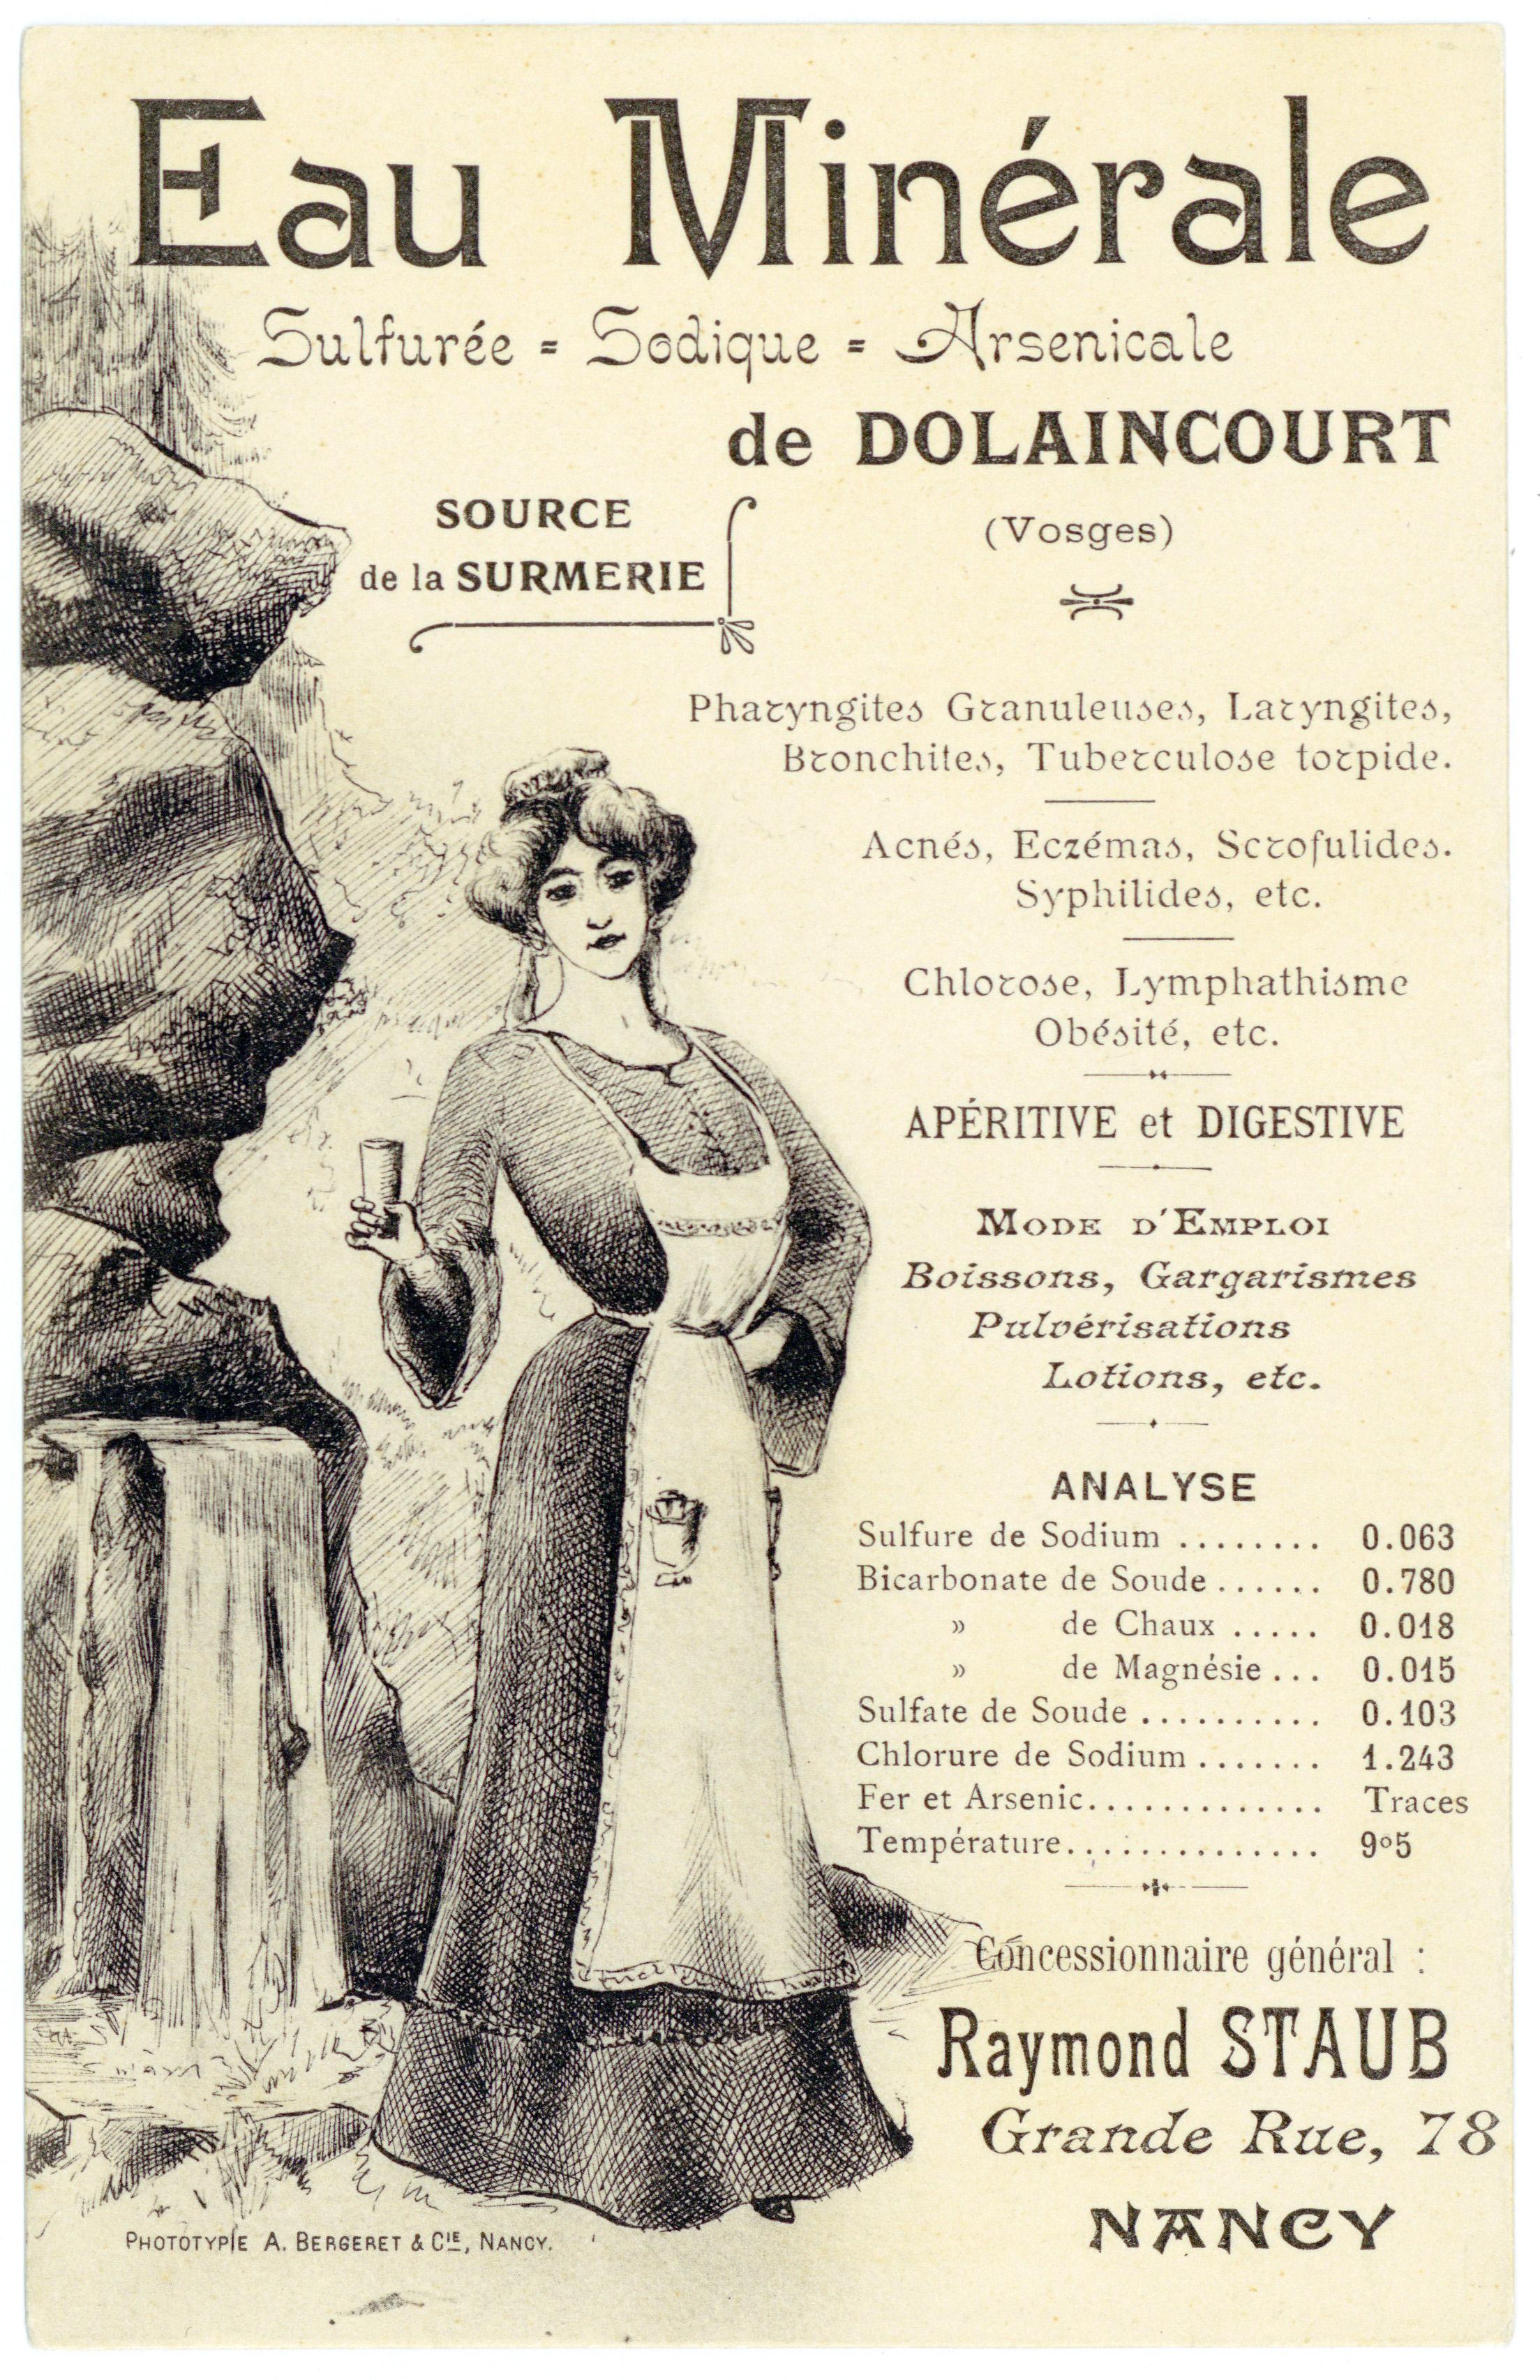 Contenu du Eau minérale sulfurée, sodique, arsenicale de Dolaincourt (Vosges)